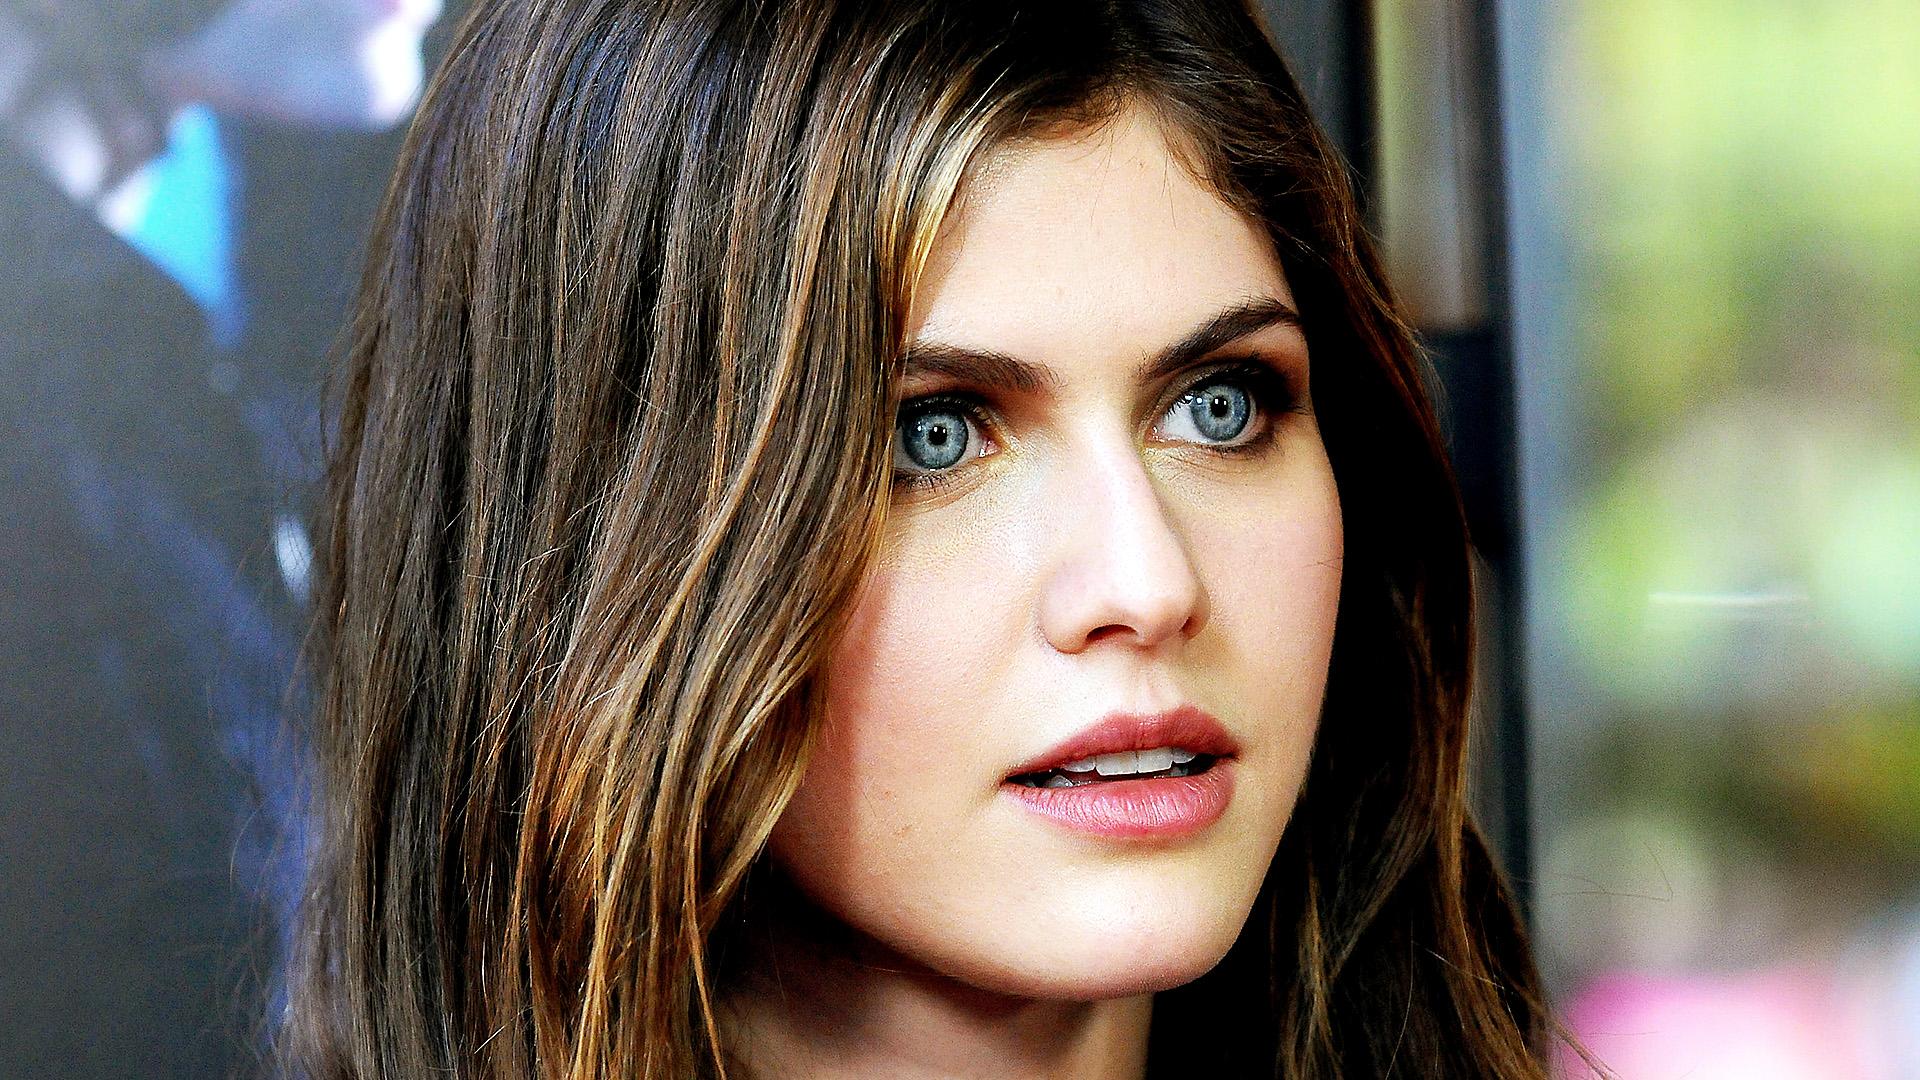 Hd wallpaper xperia c3 - Alexandra Daddario Closeup Pic Popopics Com